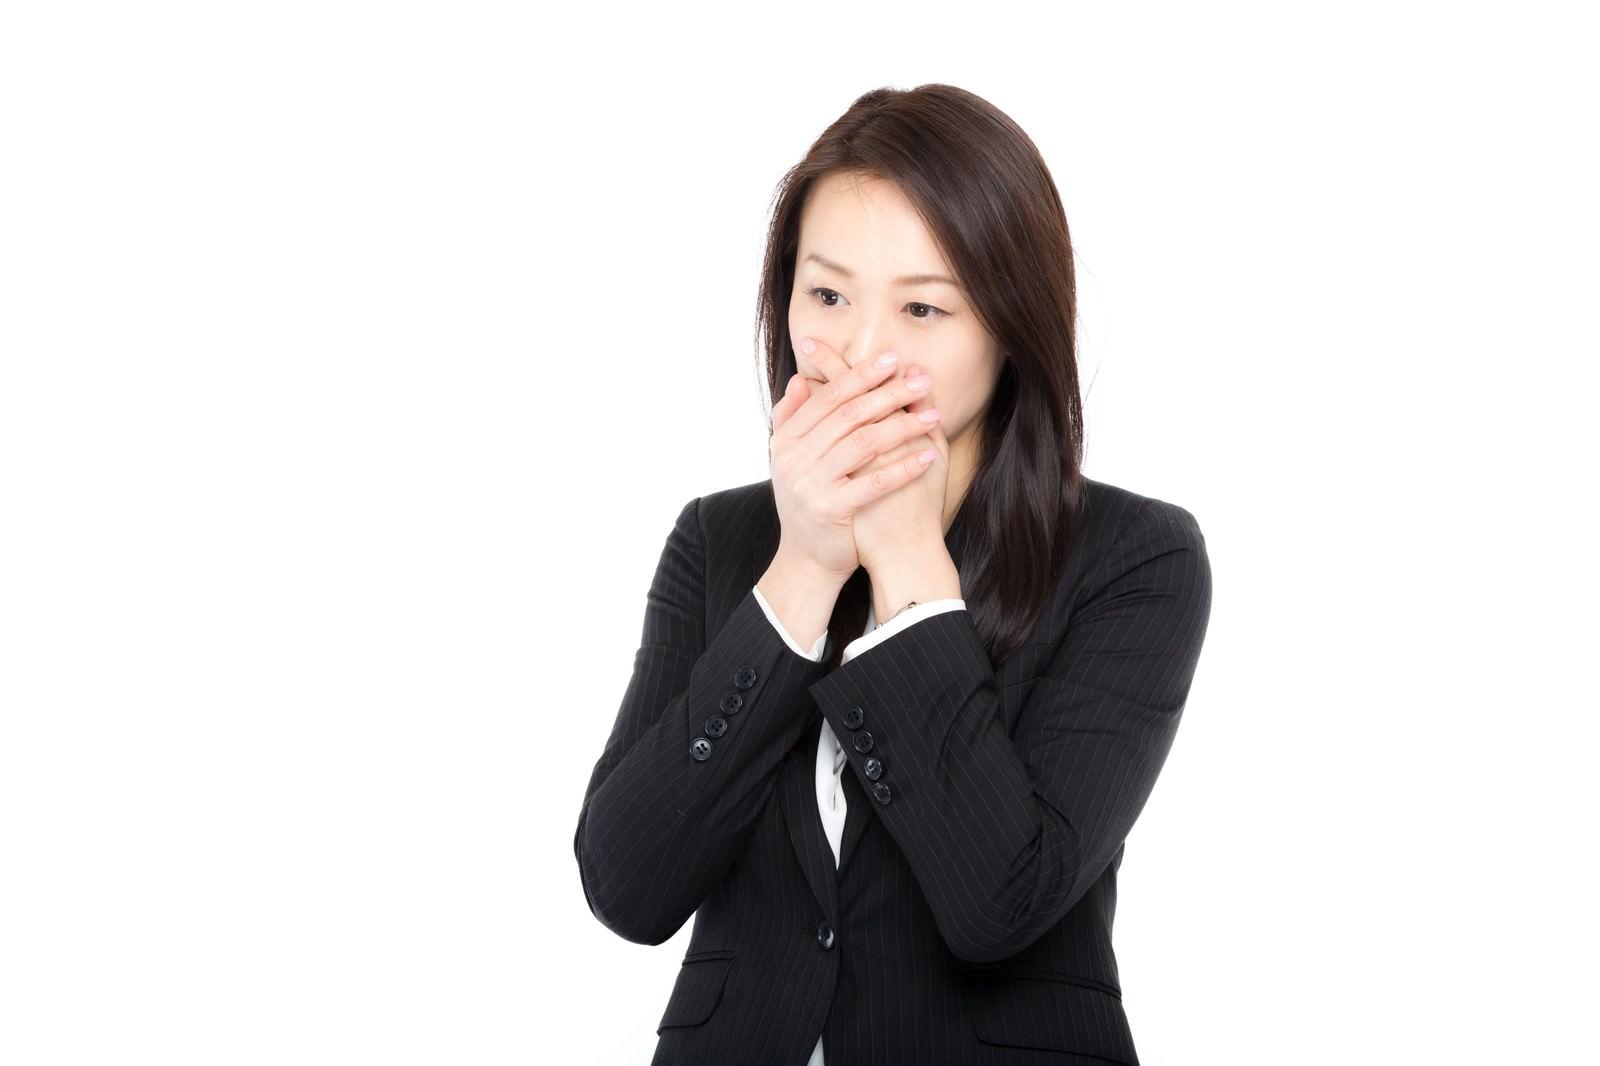 「絶句するビジネスウーマン」の写真[モデル:土本寛子]